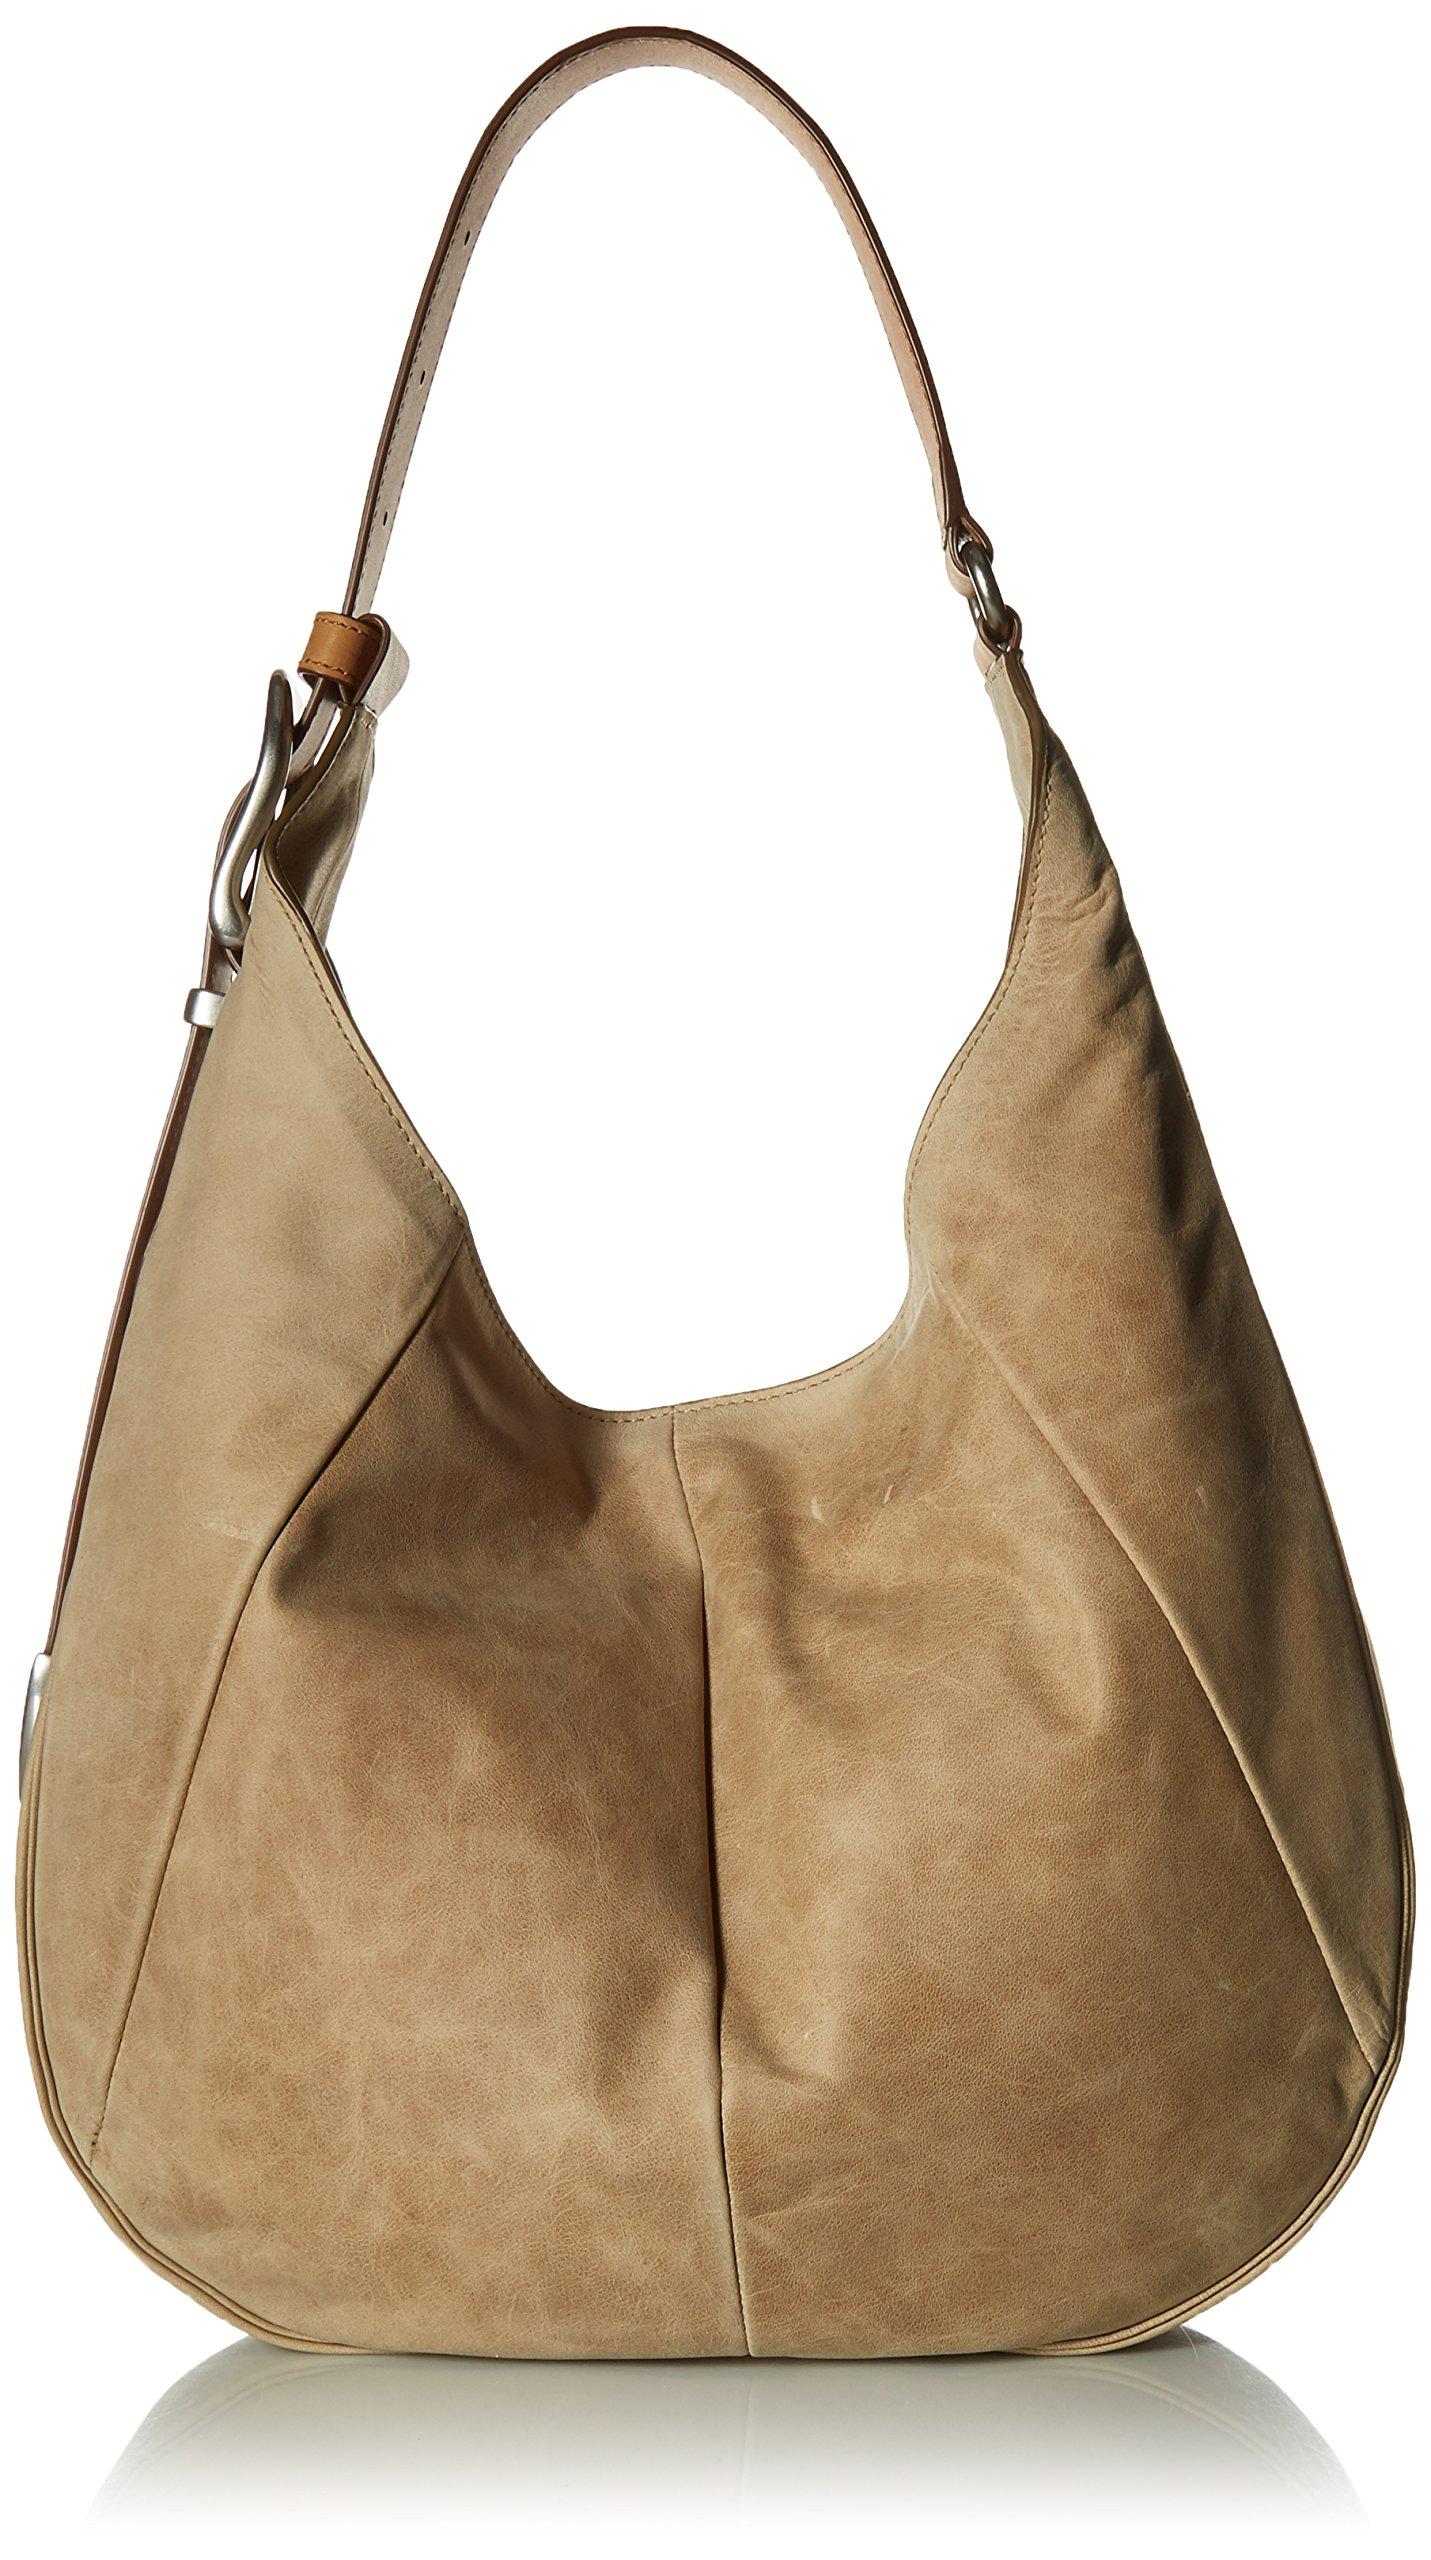 FRYE Jacqui Hobo Leather Shoulder Bag, Sand by FRYE